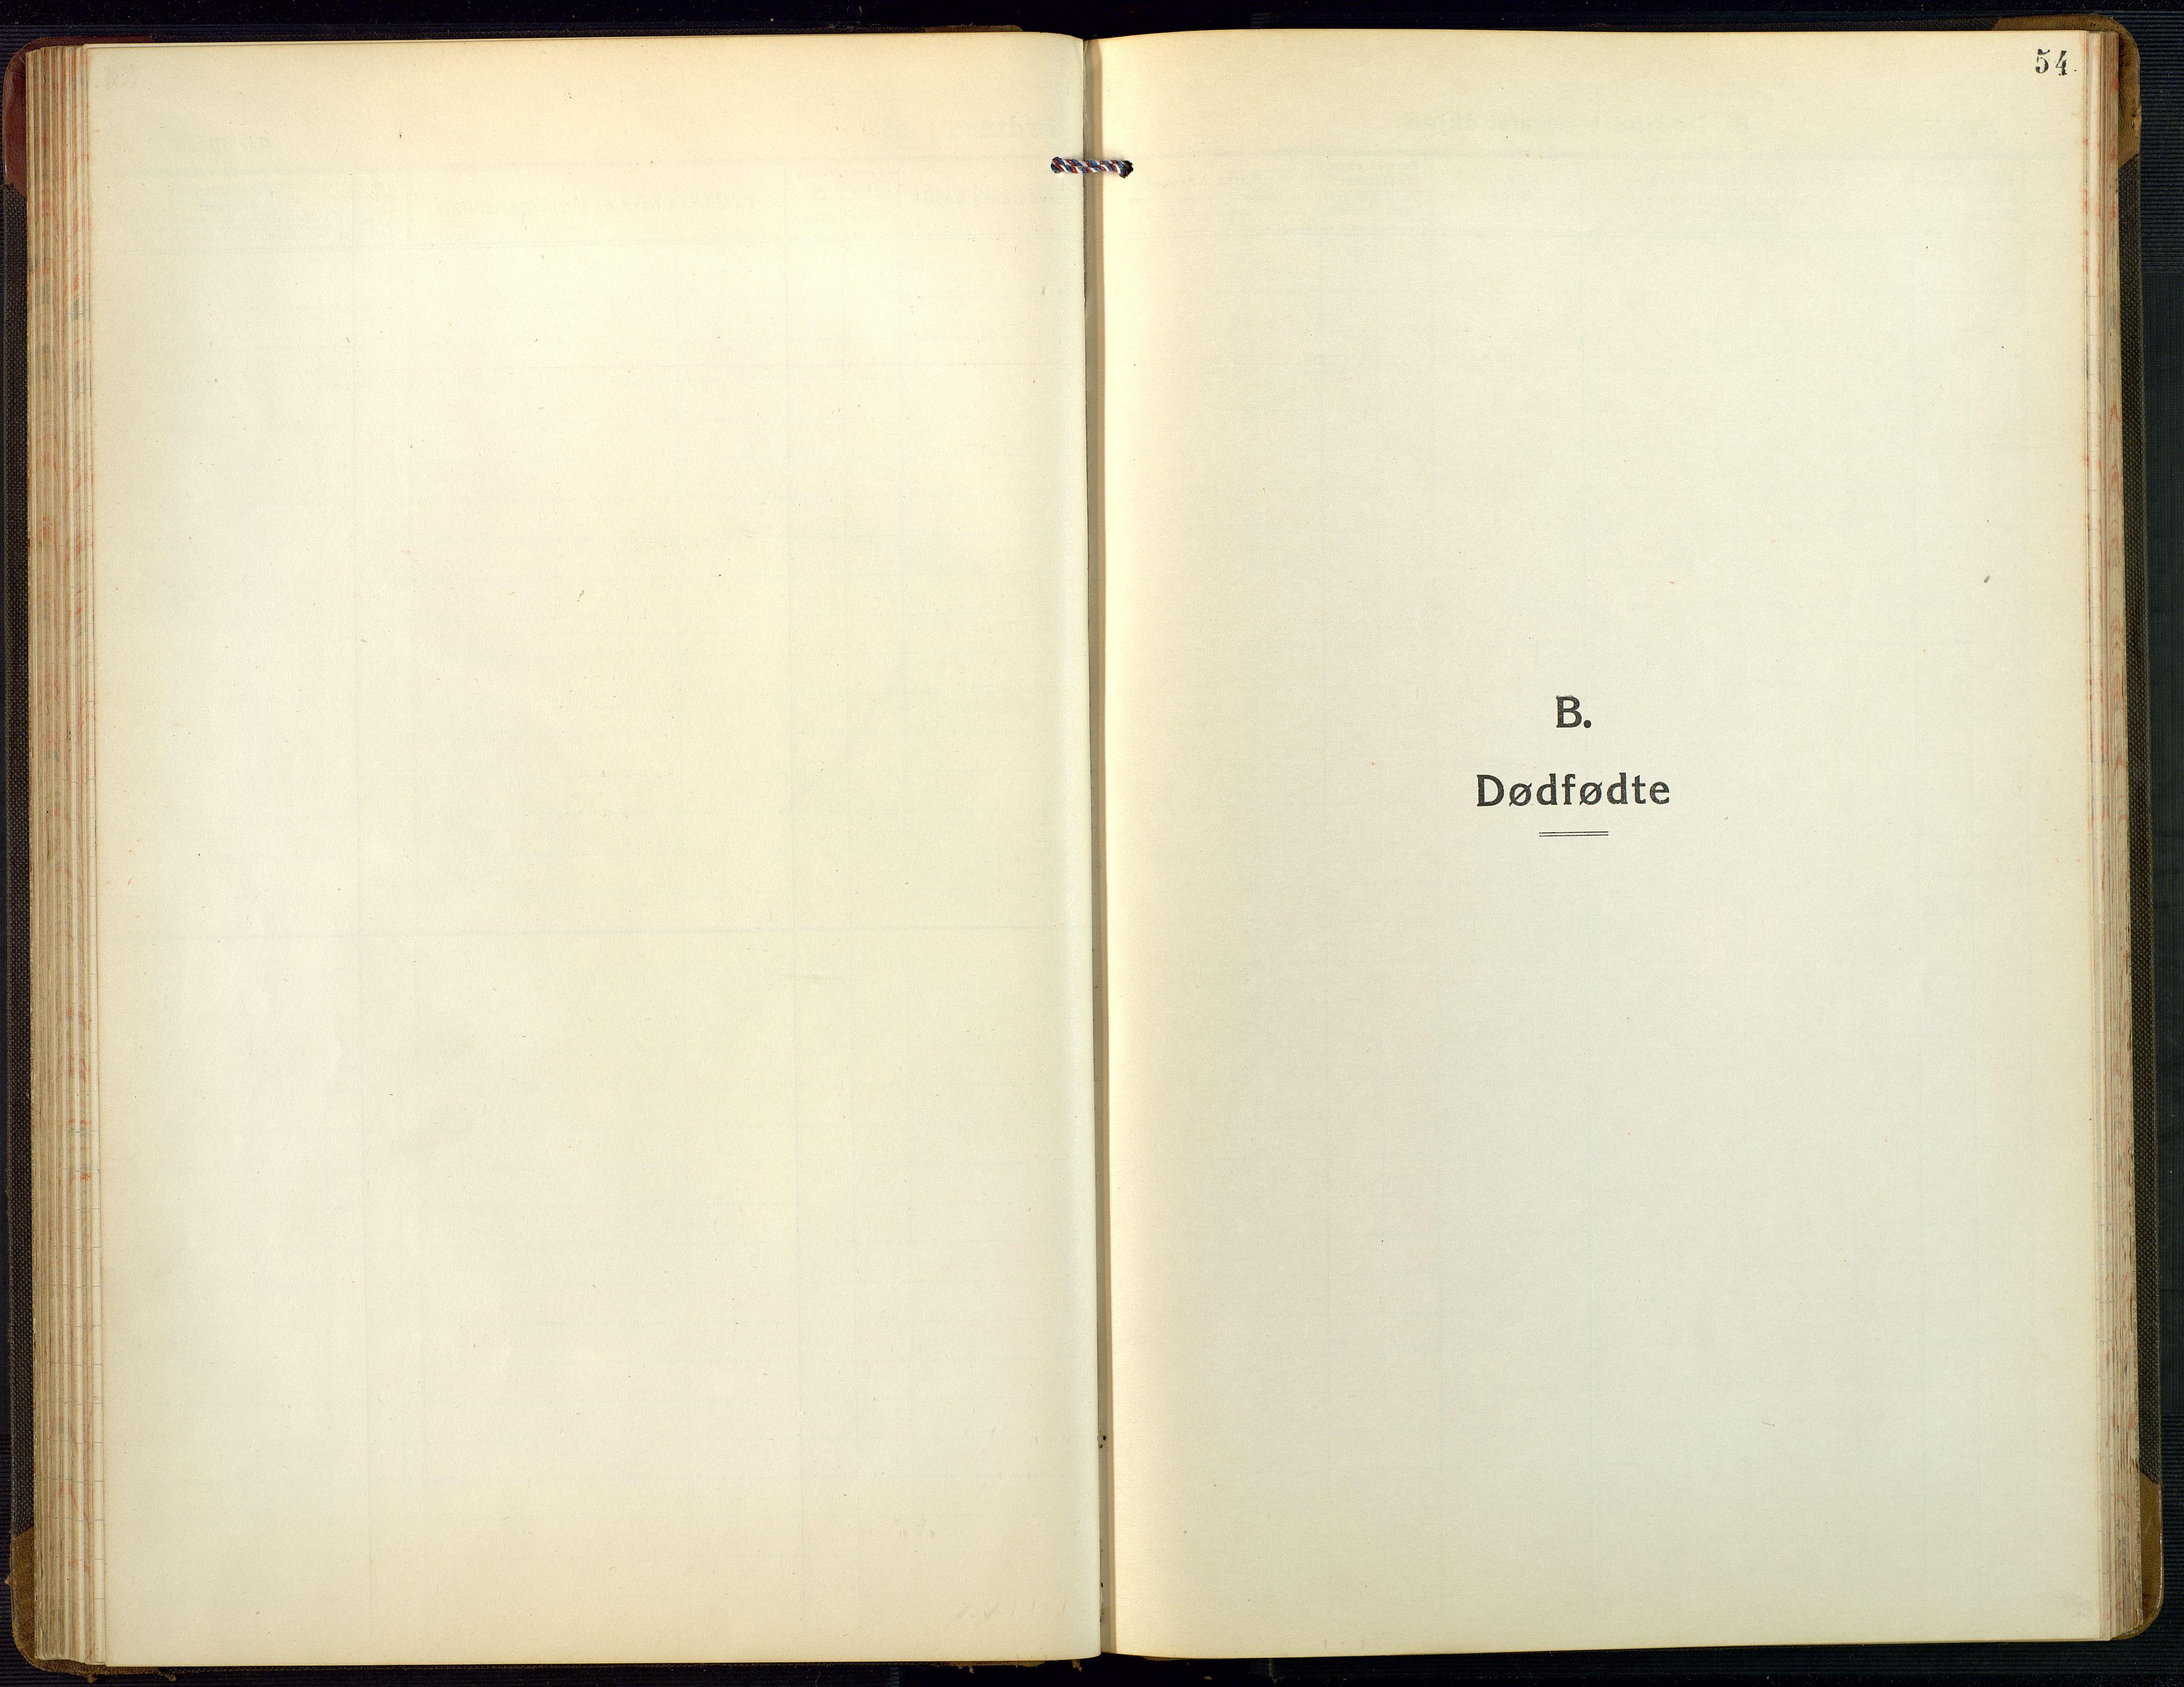 SAK, Bygland sokneprestkontor, F/Fb/Fbb/L0005: Klokkerbok nr. B 5, 1920-1955, s. 54